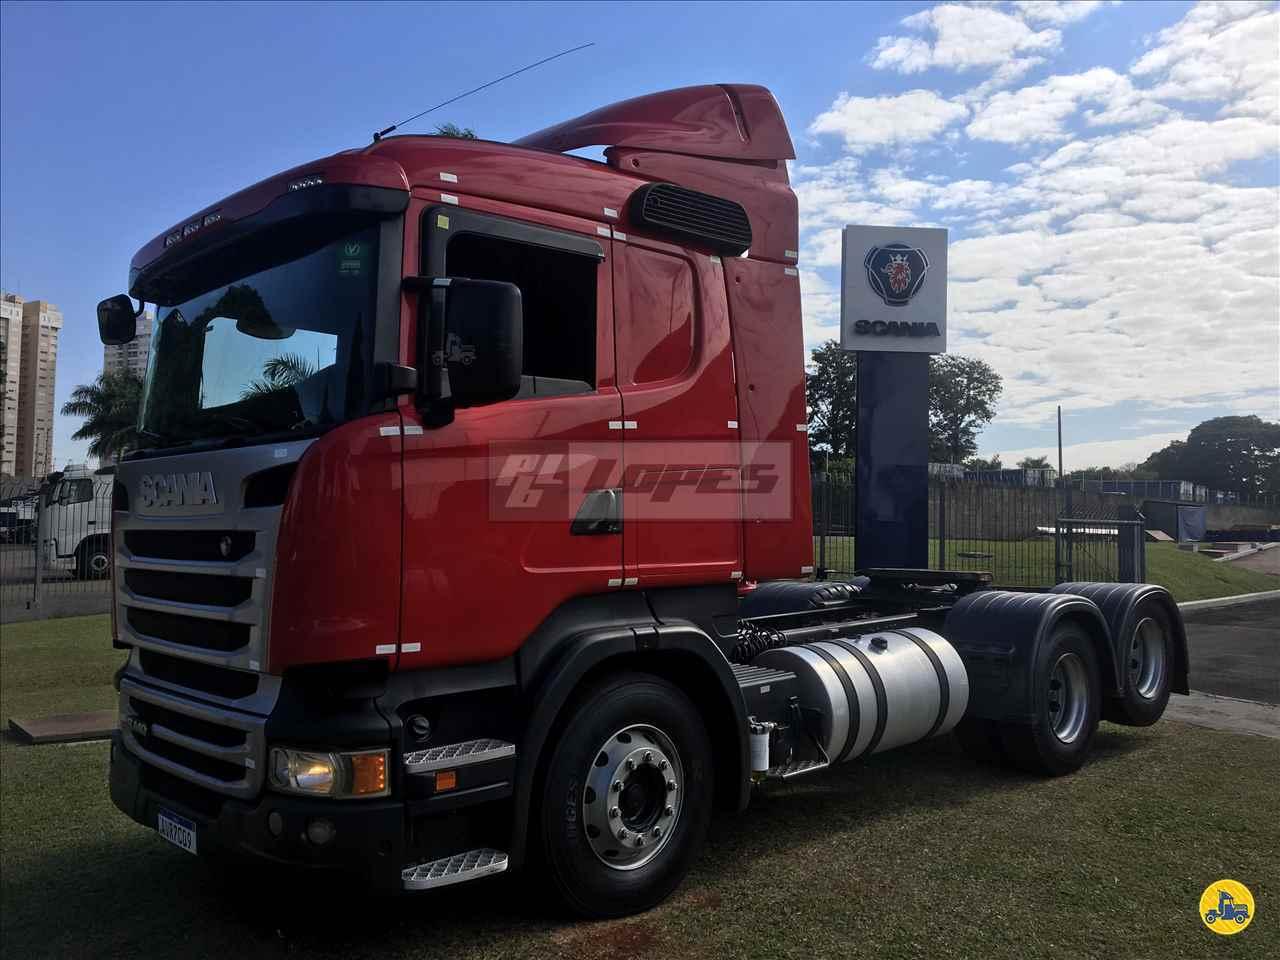 CAMINHAO SCANIA SCANIA 440 Cavalo Mecânico Truck 6x2 P.B. Lopes - Scania MARINGA PARANÁ PR